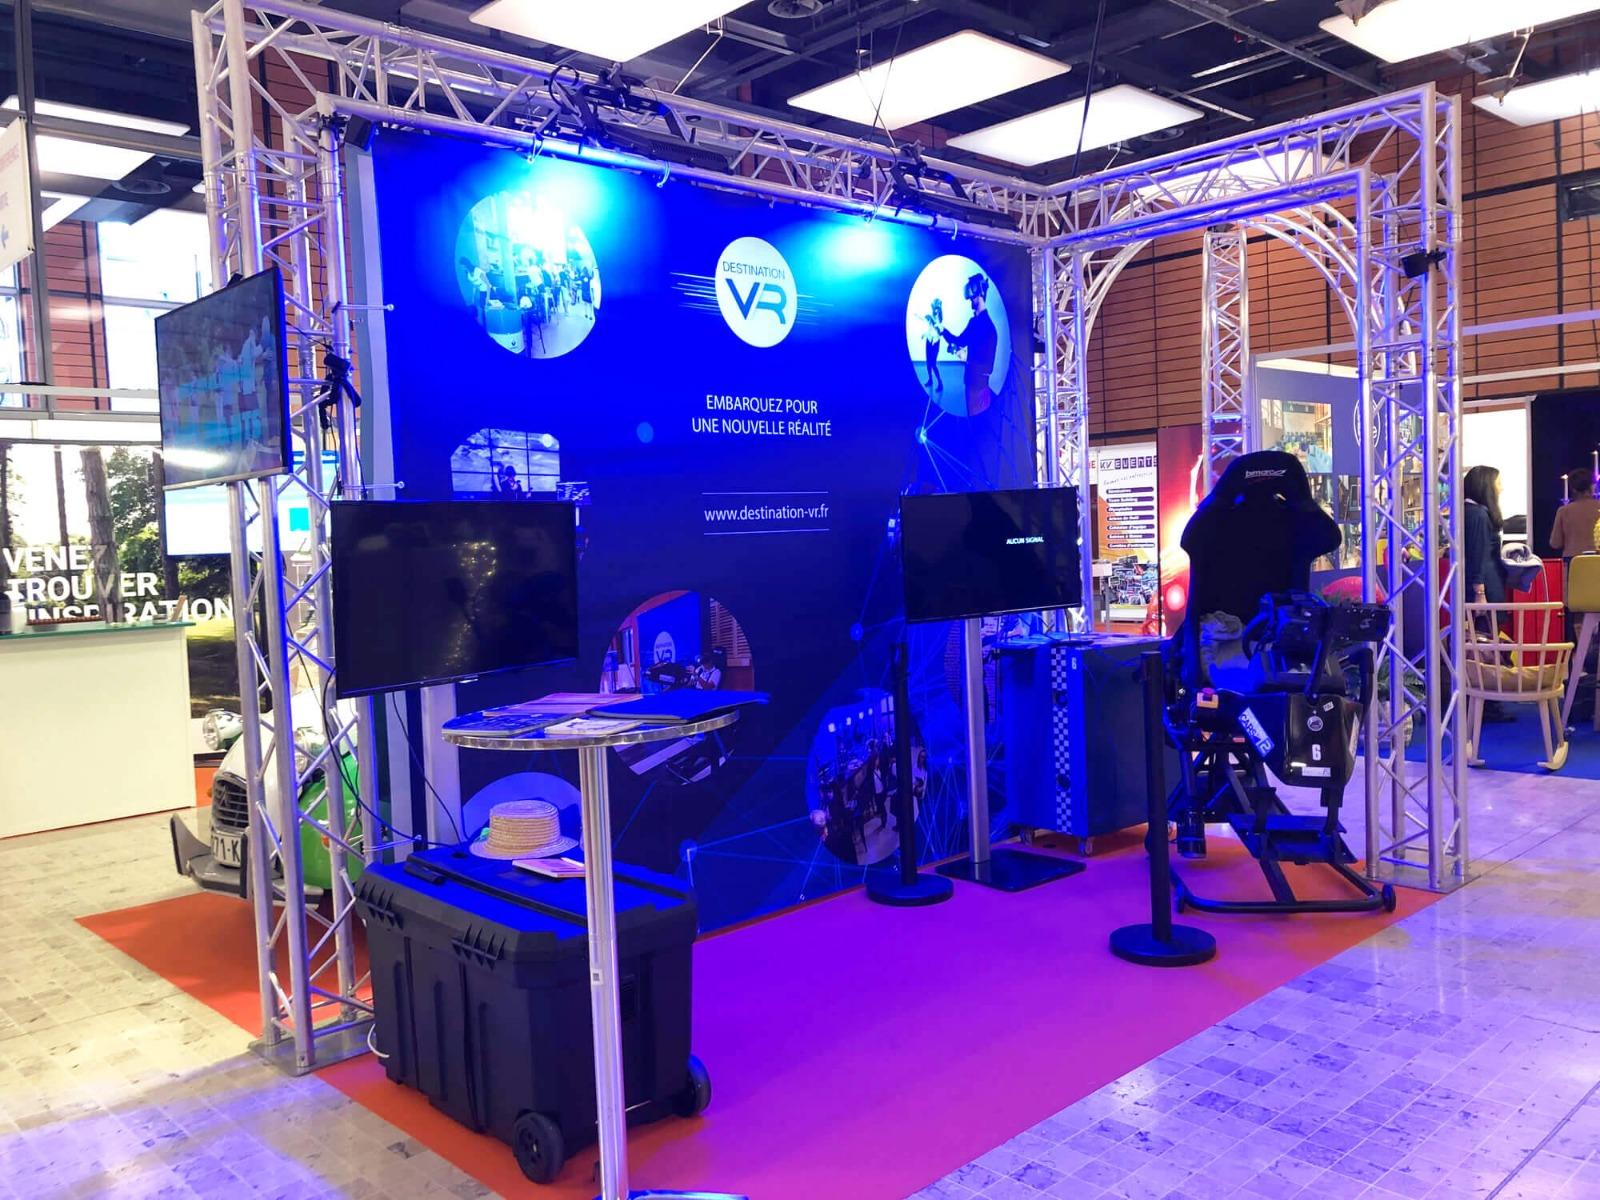 Stand de réalité virtuelle au salon SBE 2020